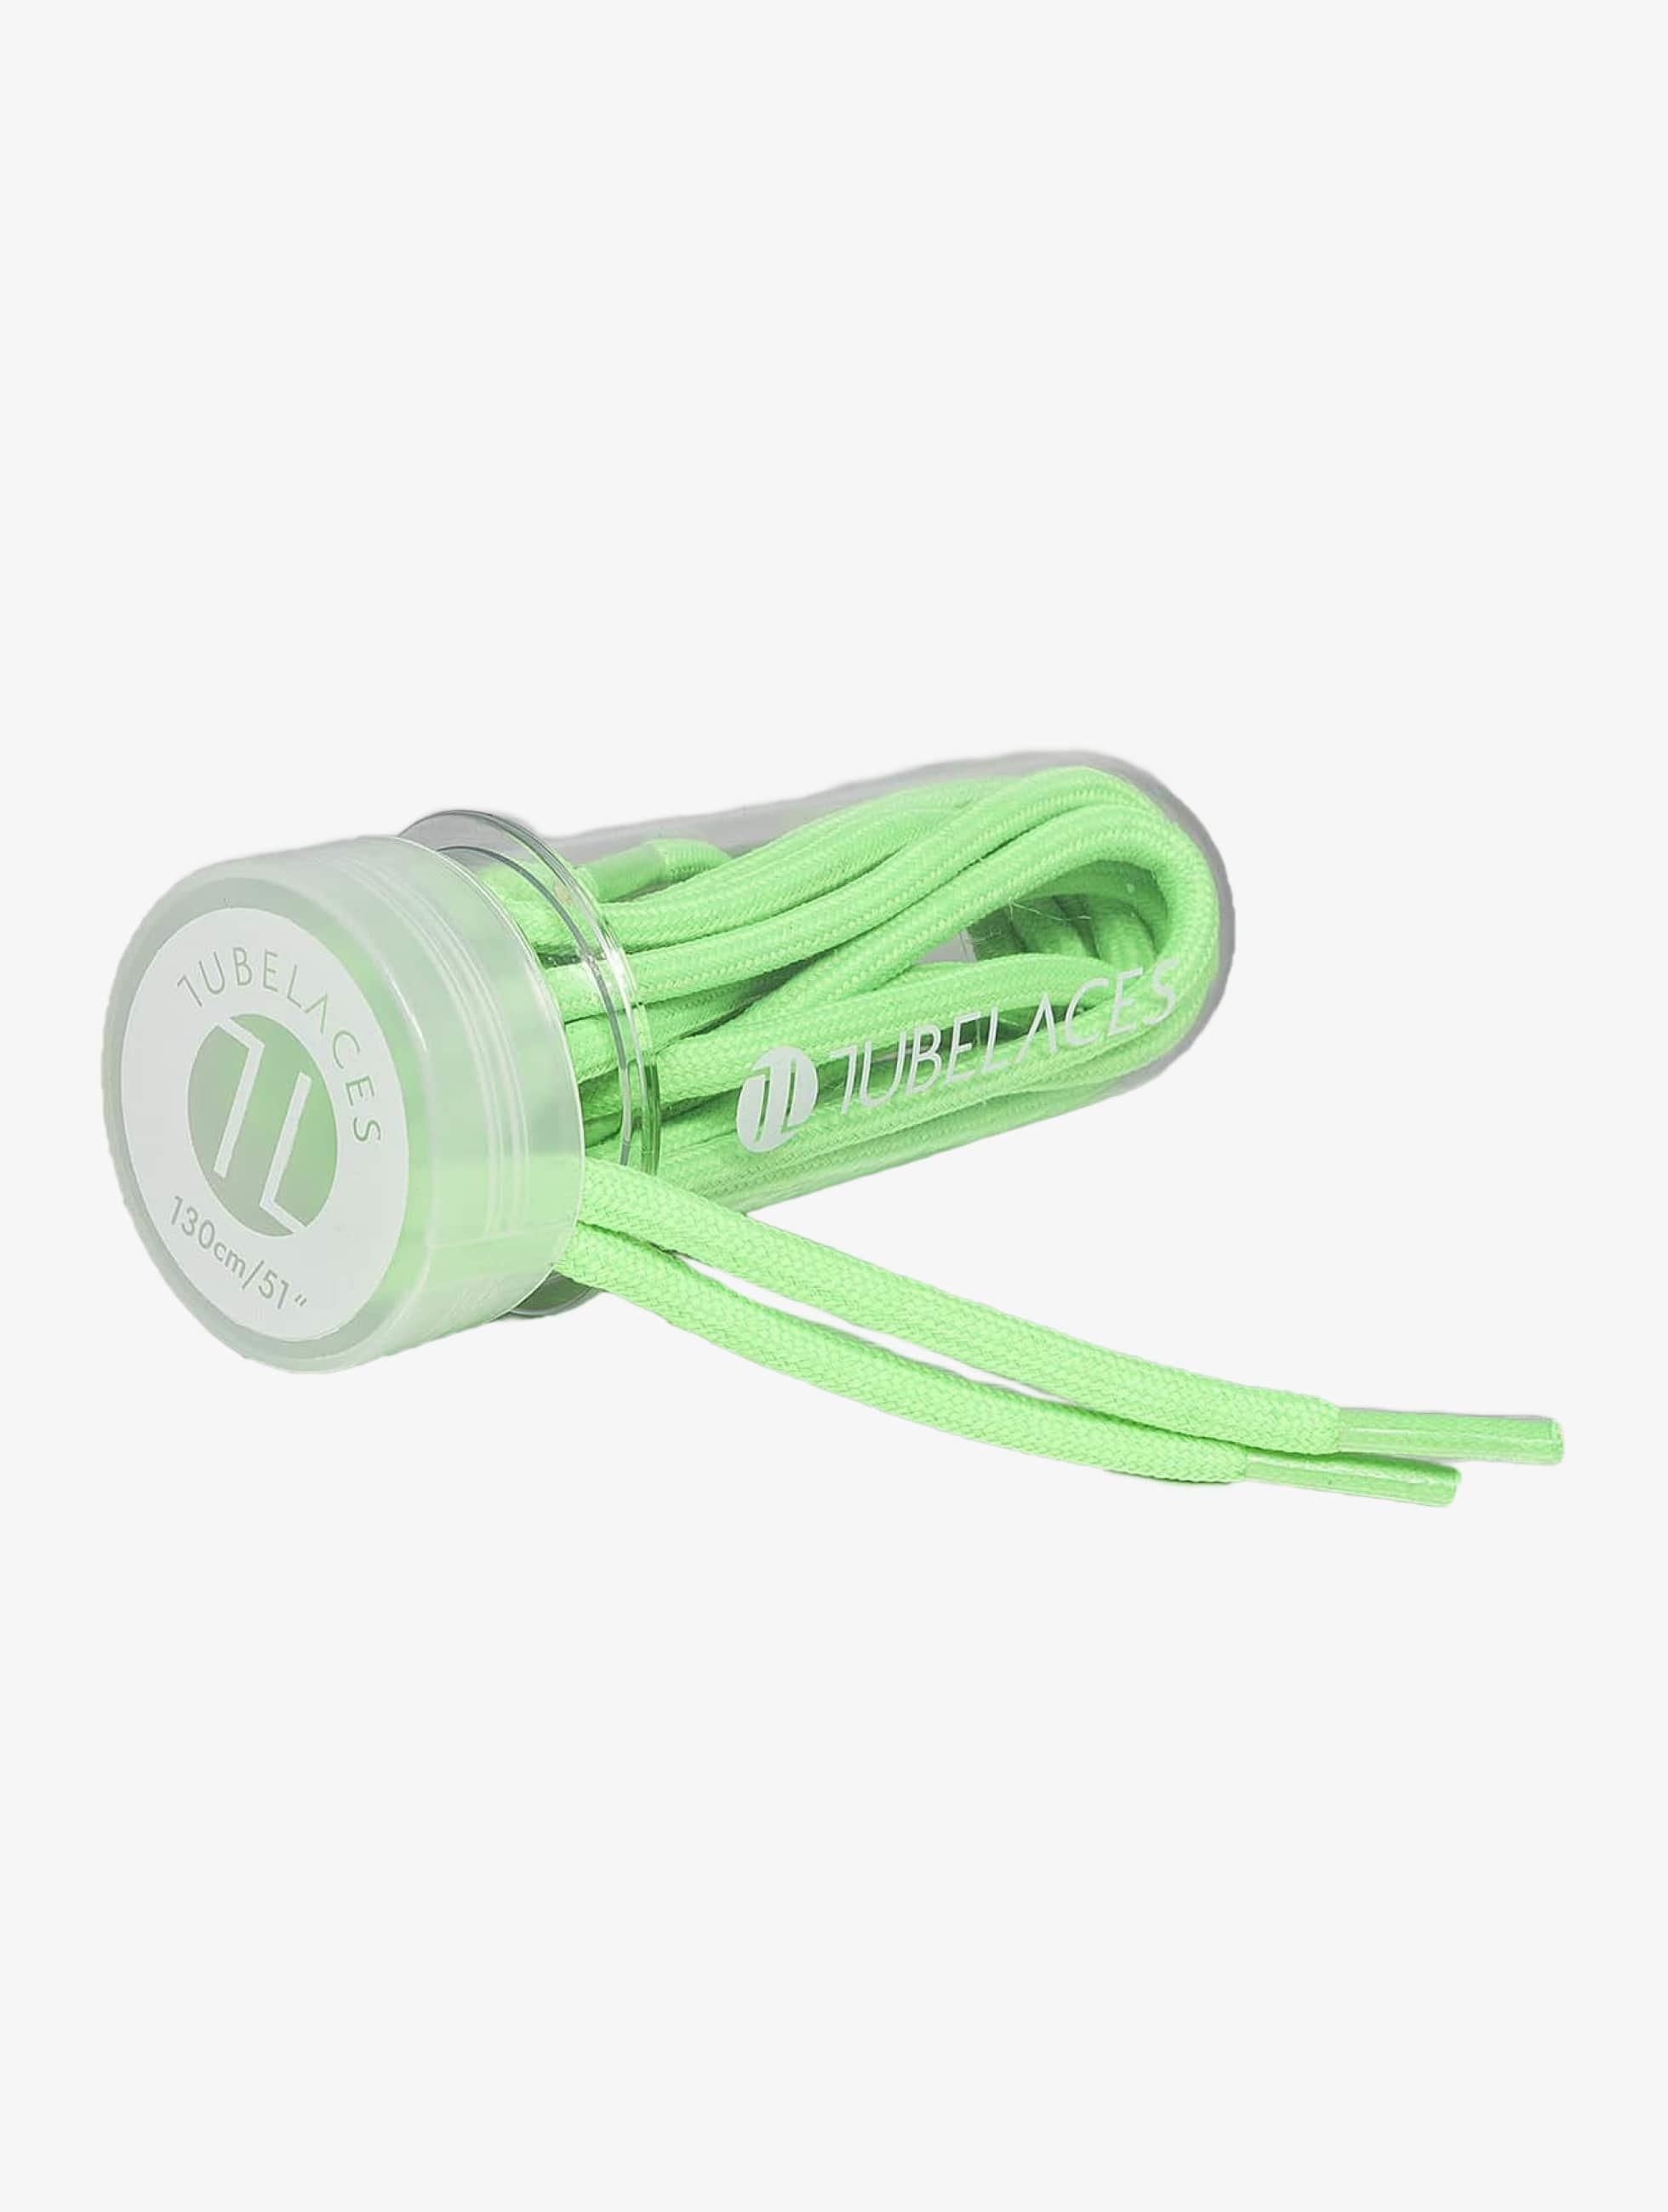 Tubelaces Schuhzubehör Rope Solid grün